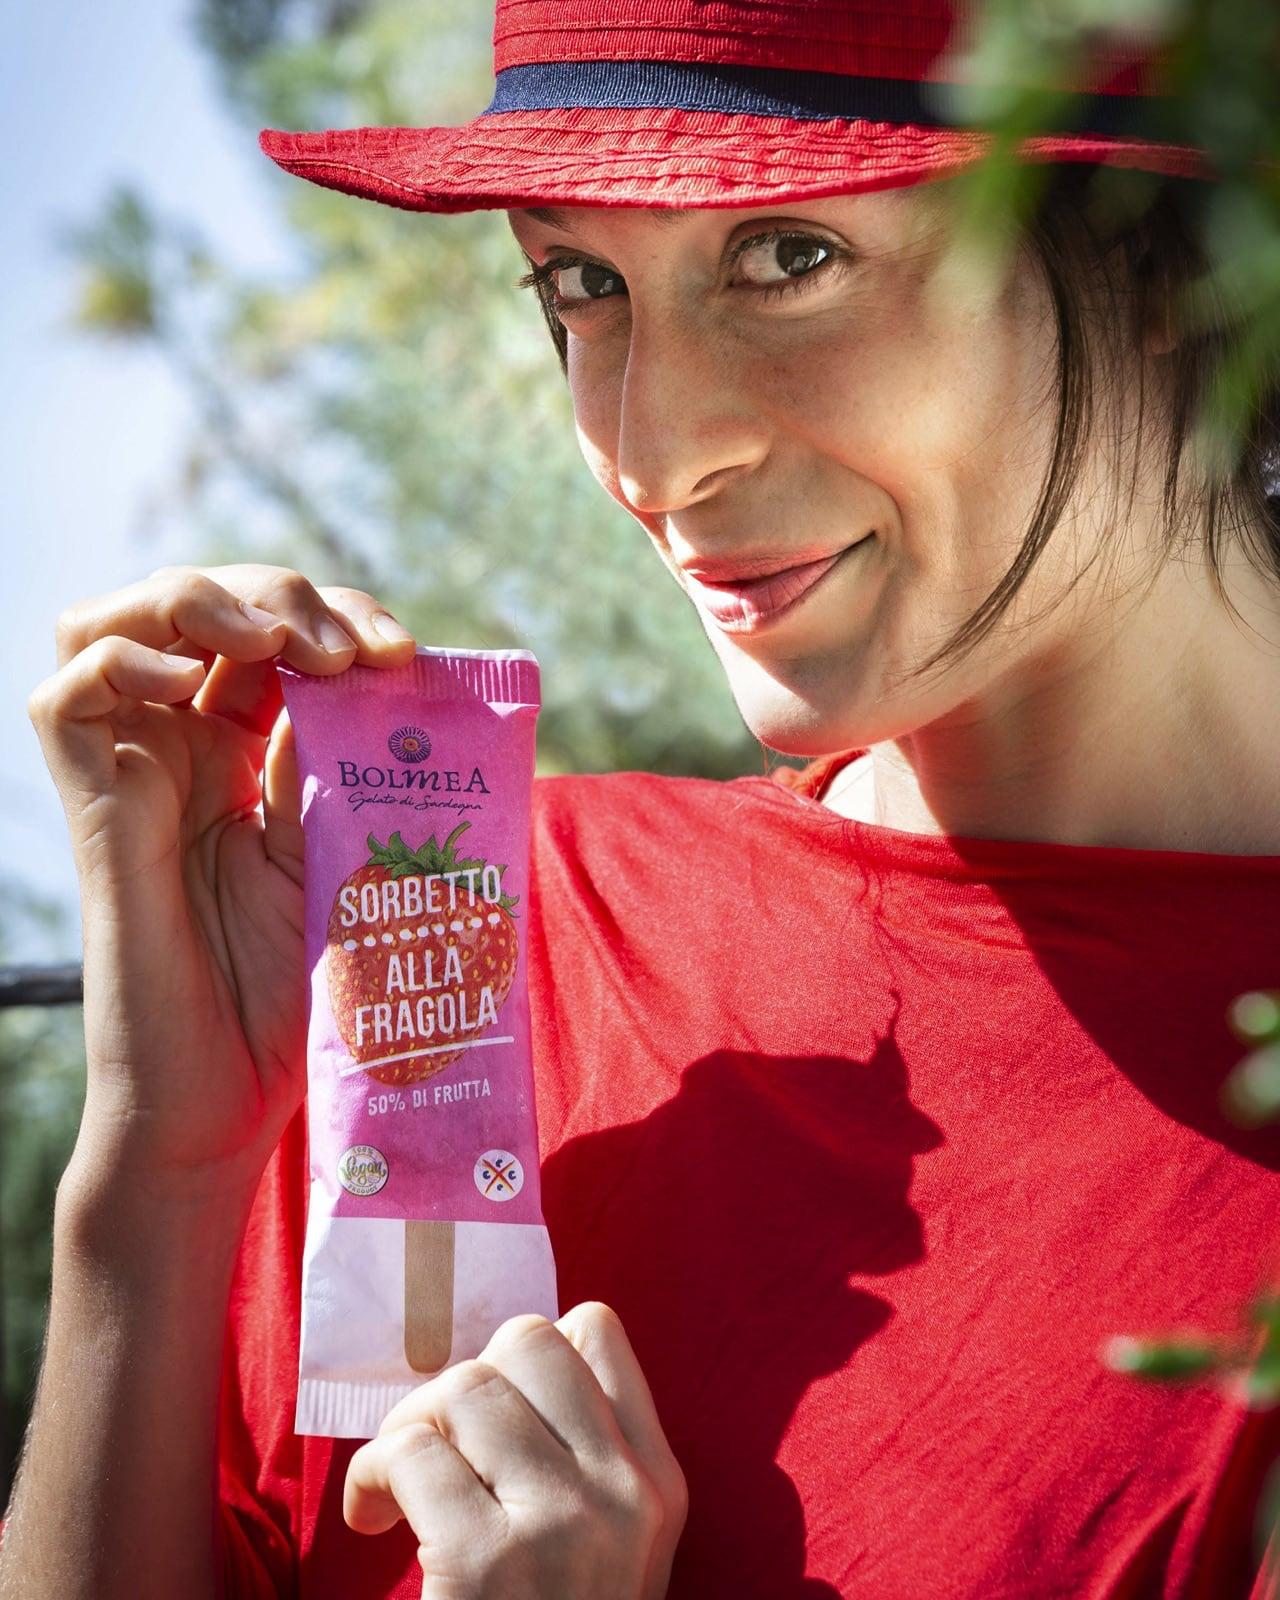 una ragazza vestita di rosso in posa con un sorbetto alla fragola Bolmea